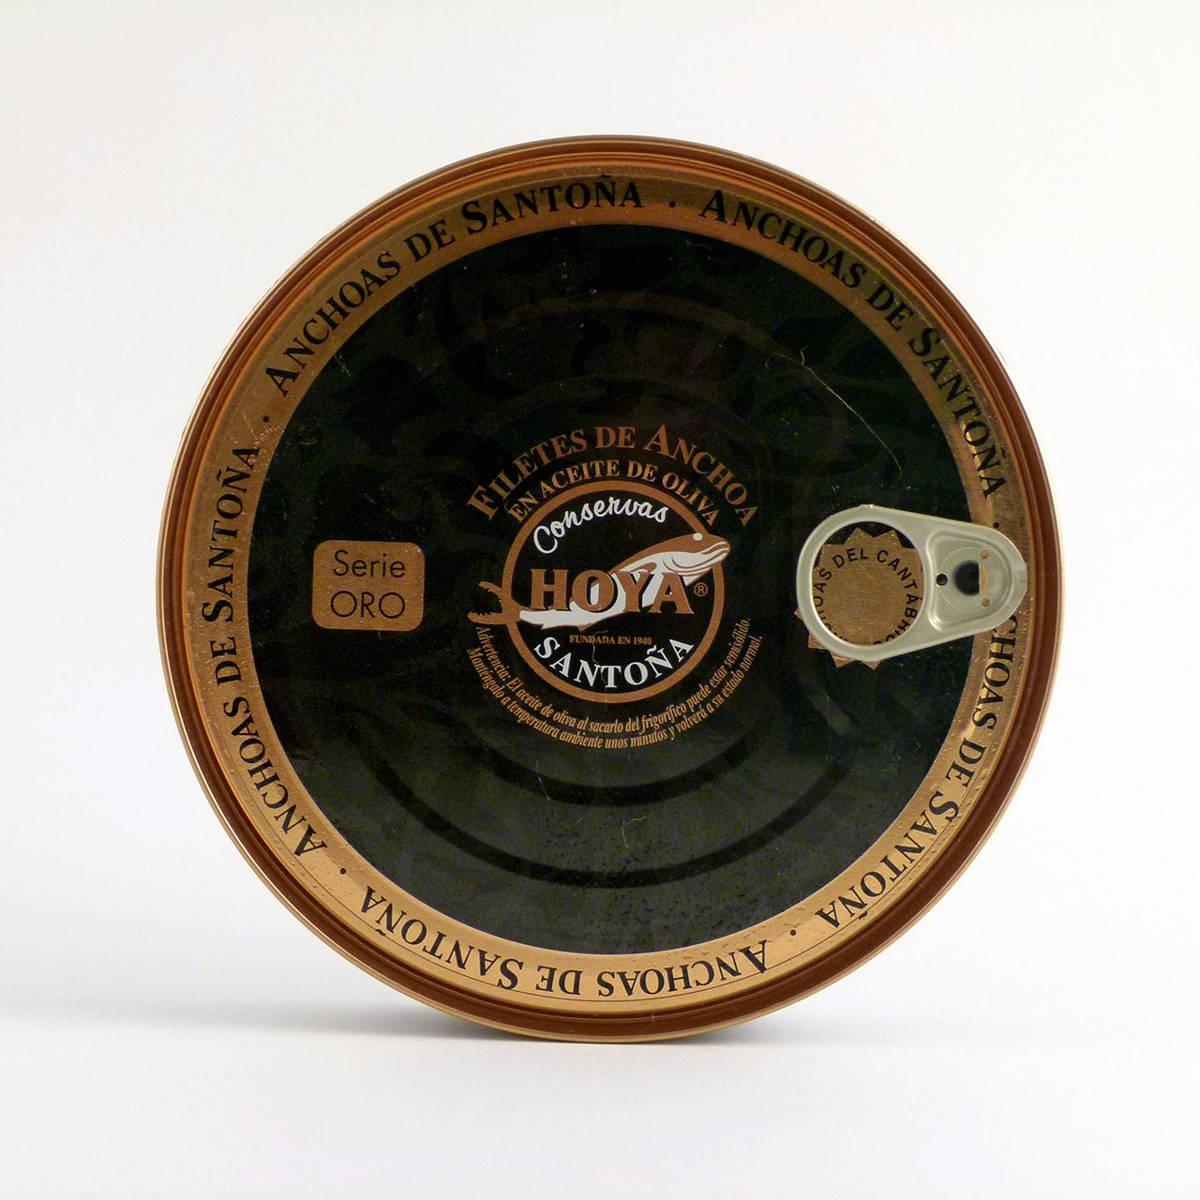 Anchoas Hoya Selección Oro lata de 170 gramos en aceite de oliva